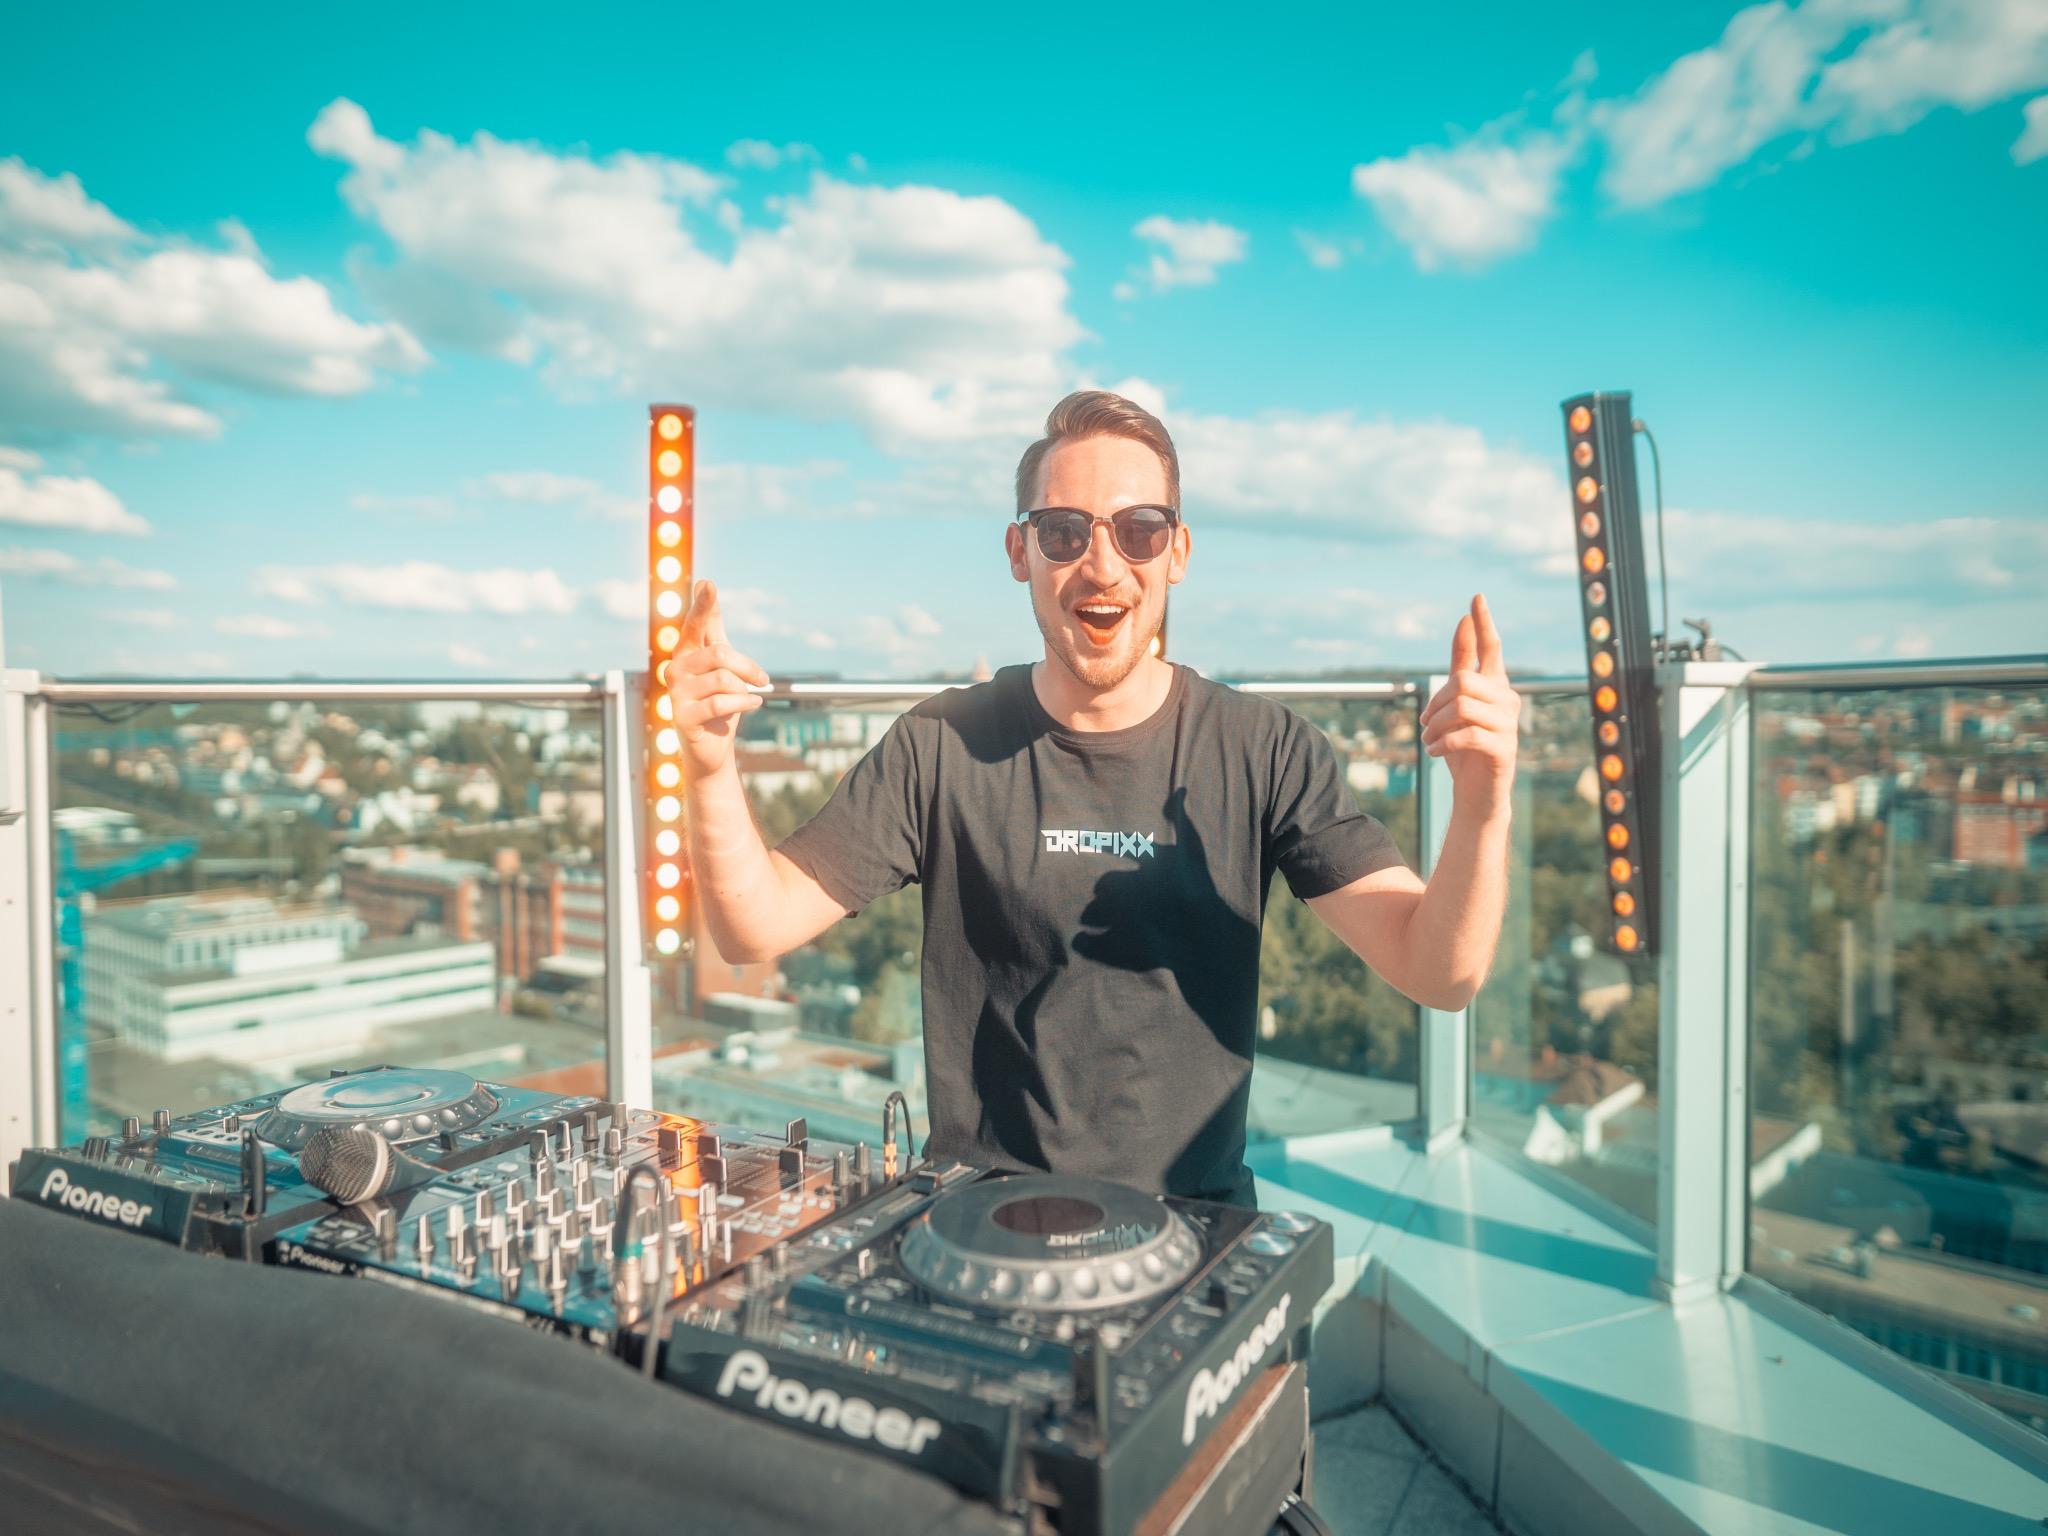 Lukas aka DJ Dropixx bei seinem Livestream auf dem Dach des Ghotels in Würzburg. Foto: Tom Bausemer (Tomba!Media)